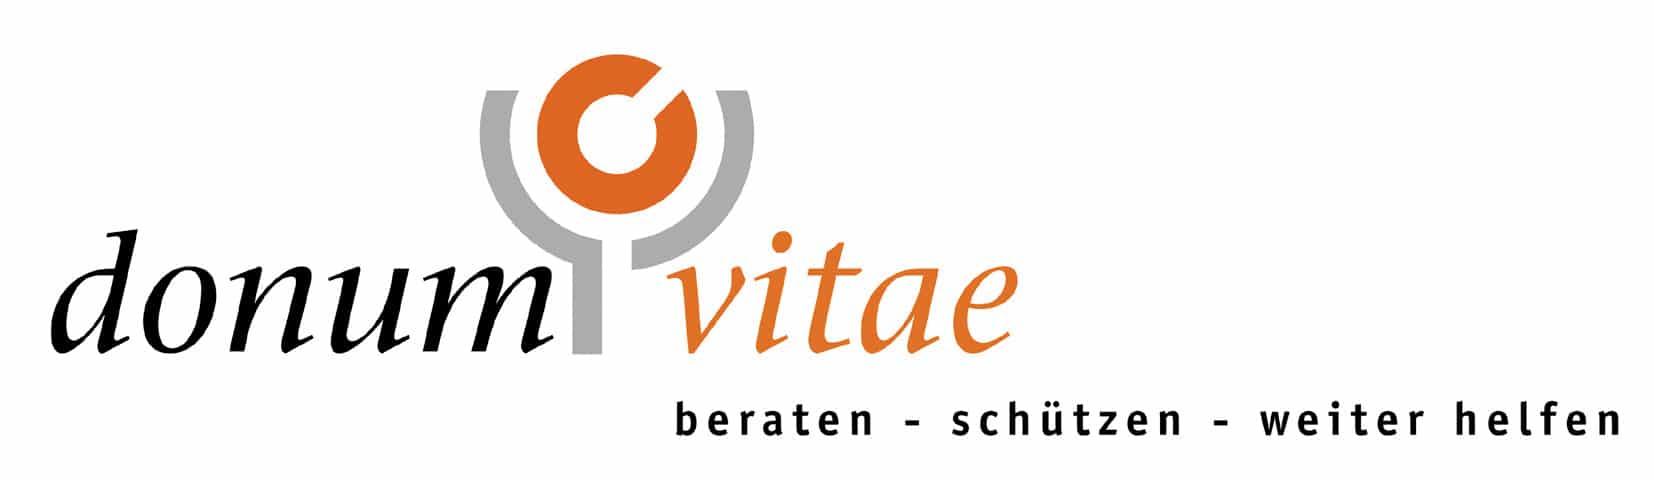 Logo der Schwangeren-Konfliktberatungsstelle Donum Vitae